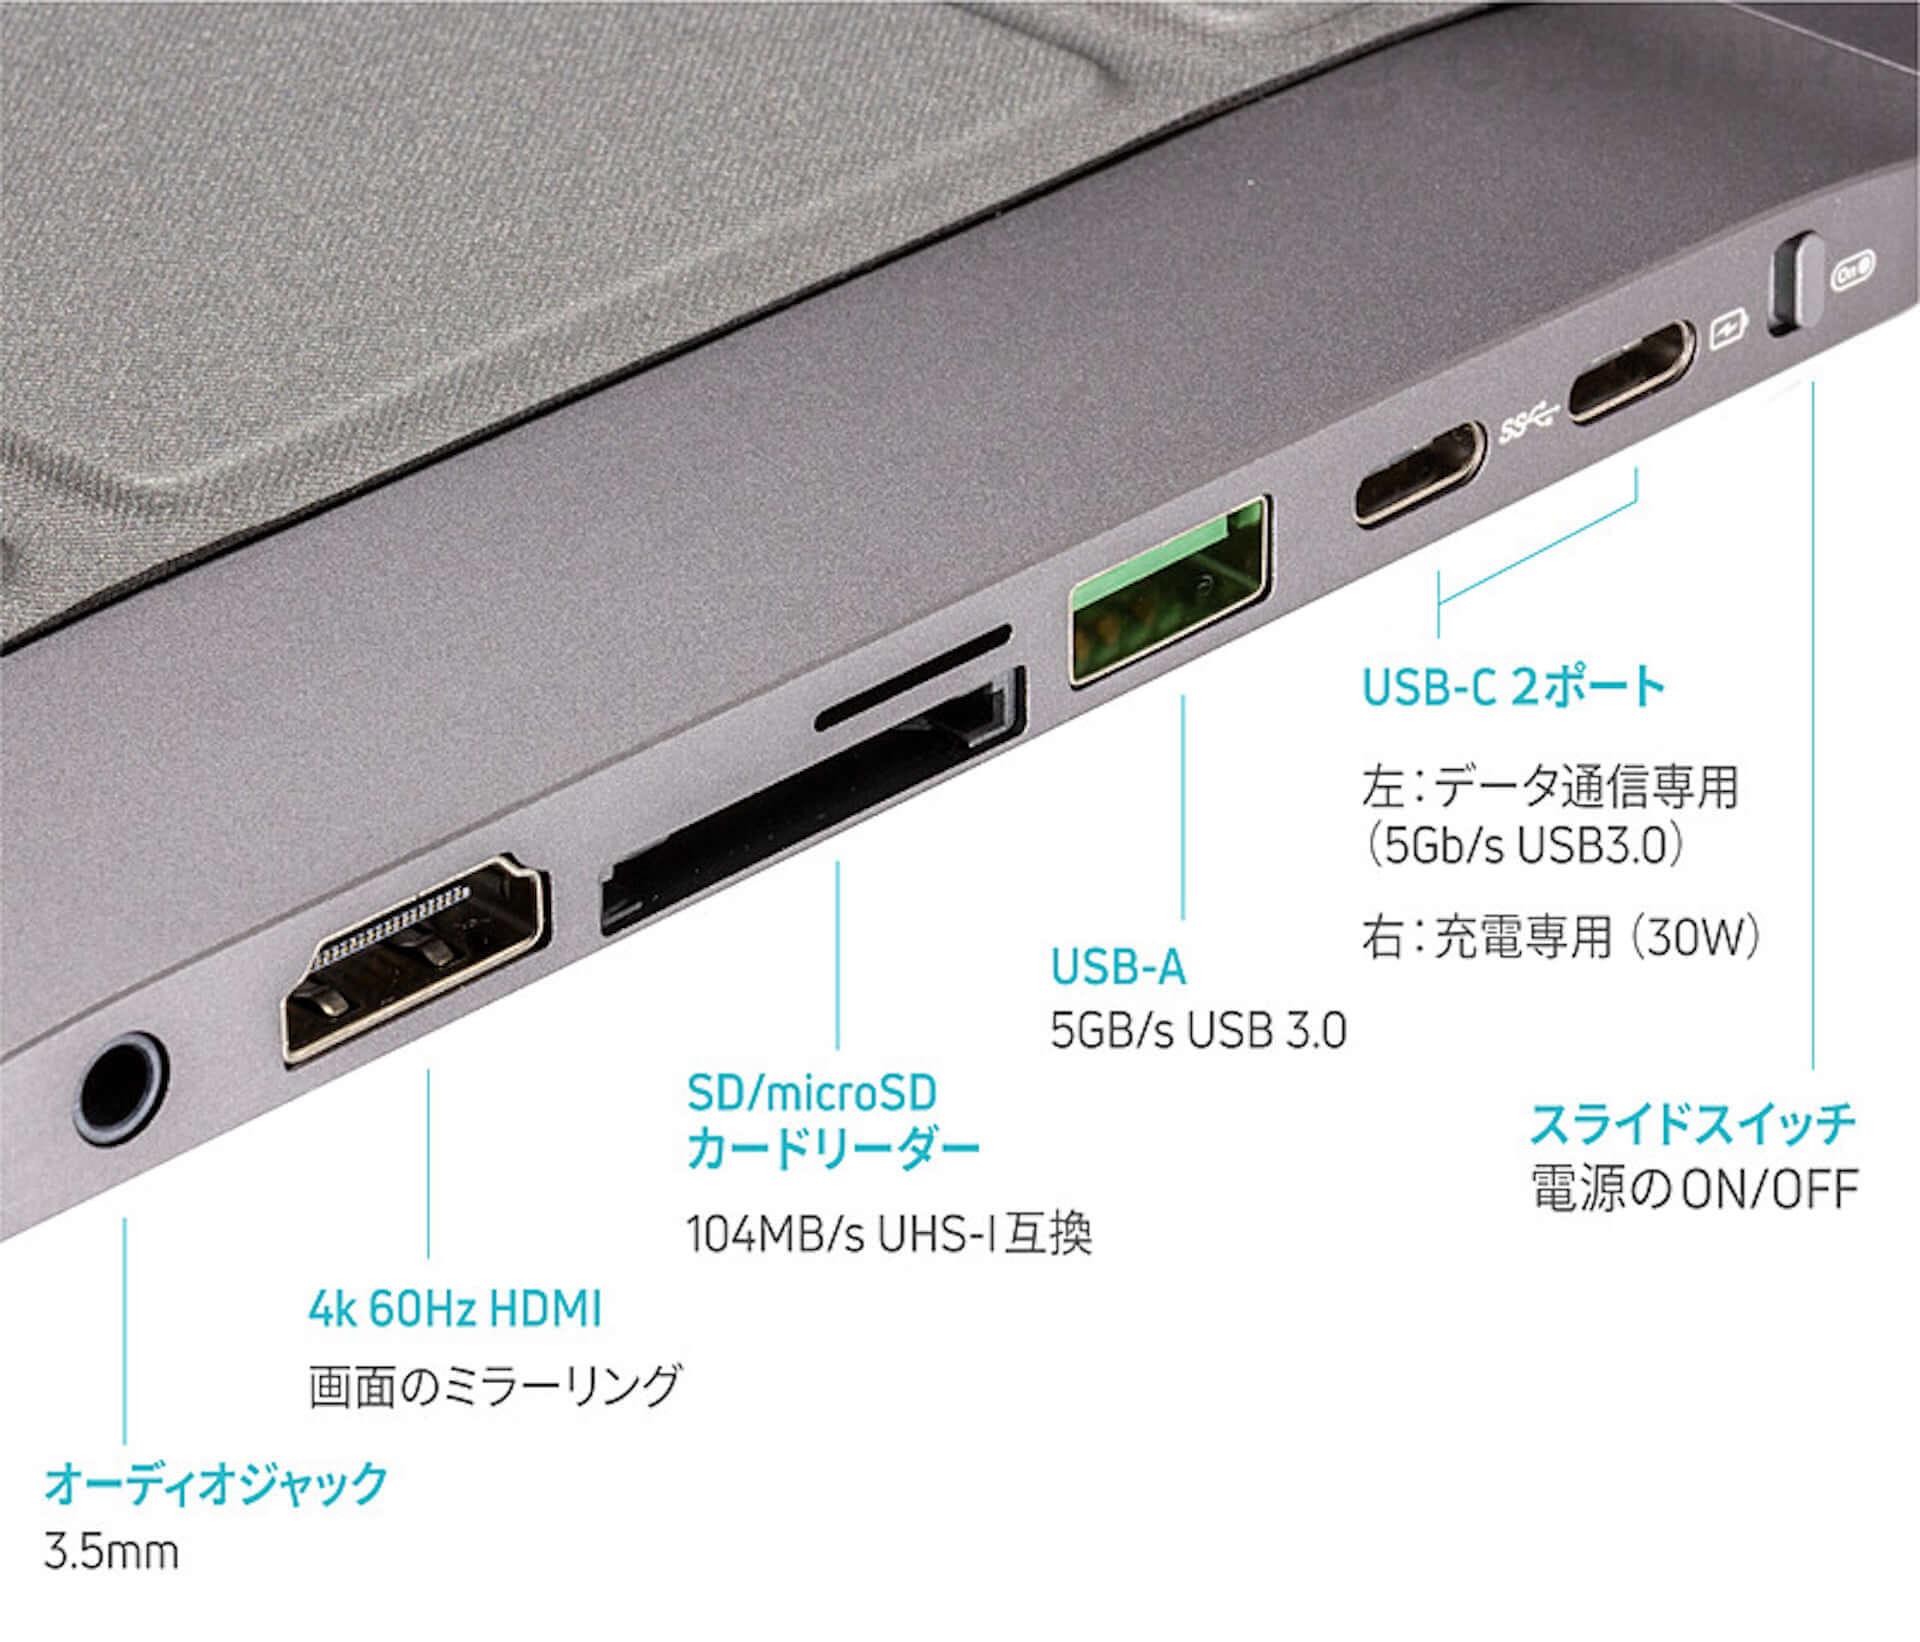 iPad Proの機能を強化できるハイエンドケース『FLEDGING HUBBLE』がGLOTURE.JPに登場!HDMIなど6つの拡張ポートを搭載 tech210323_gloture_7-1920x1642